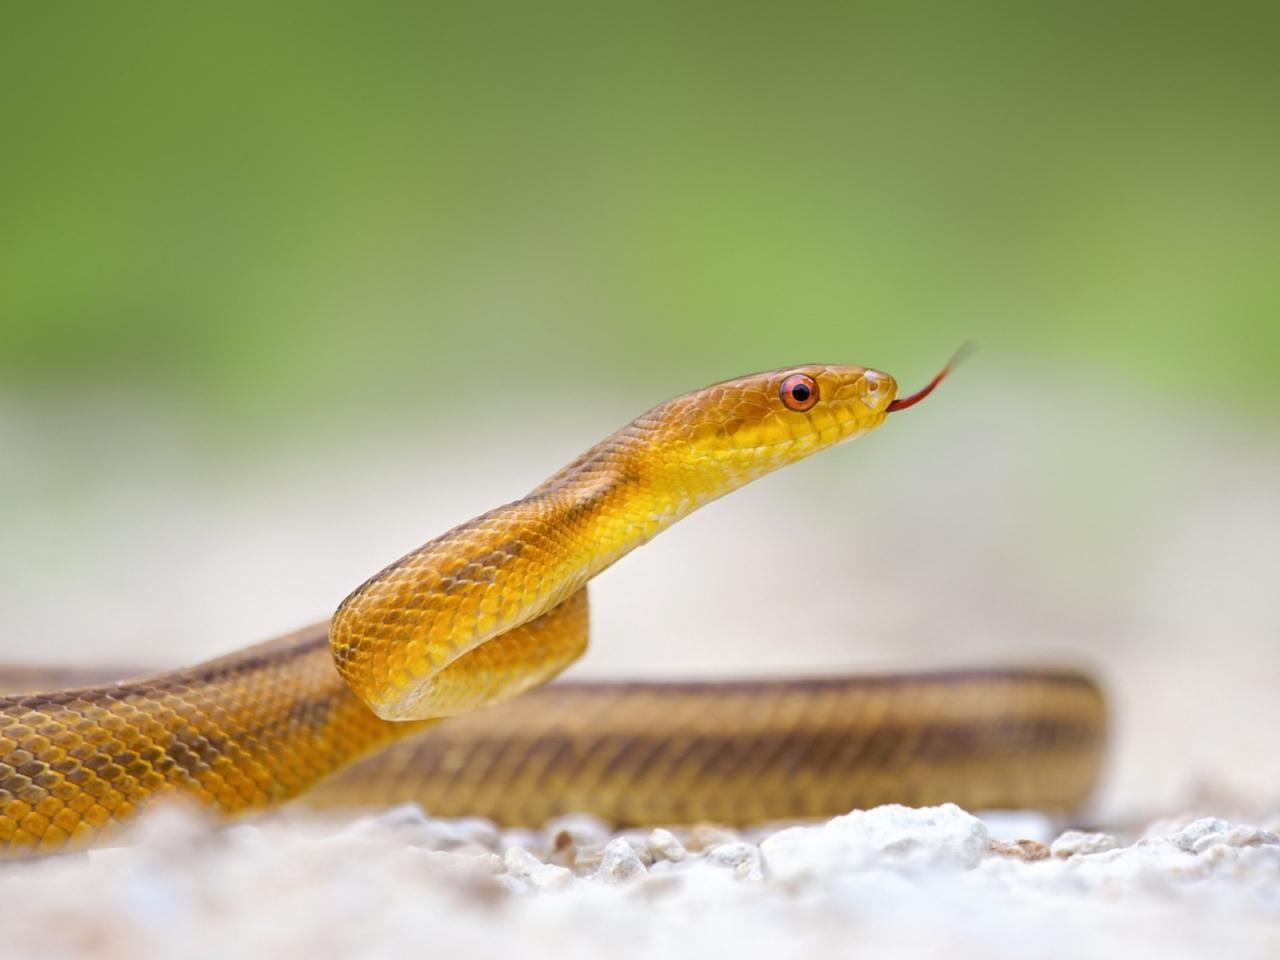 Serpiente amarilla - 1280x960